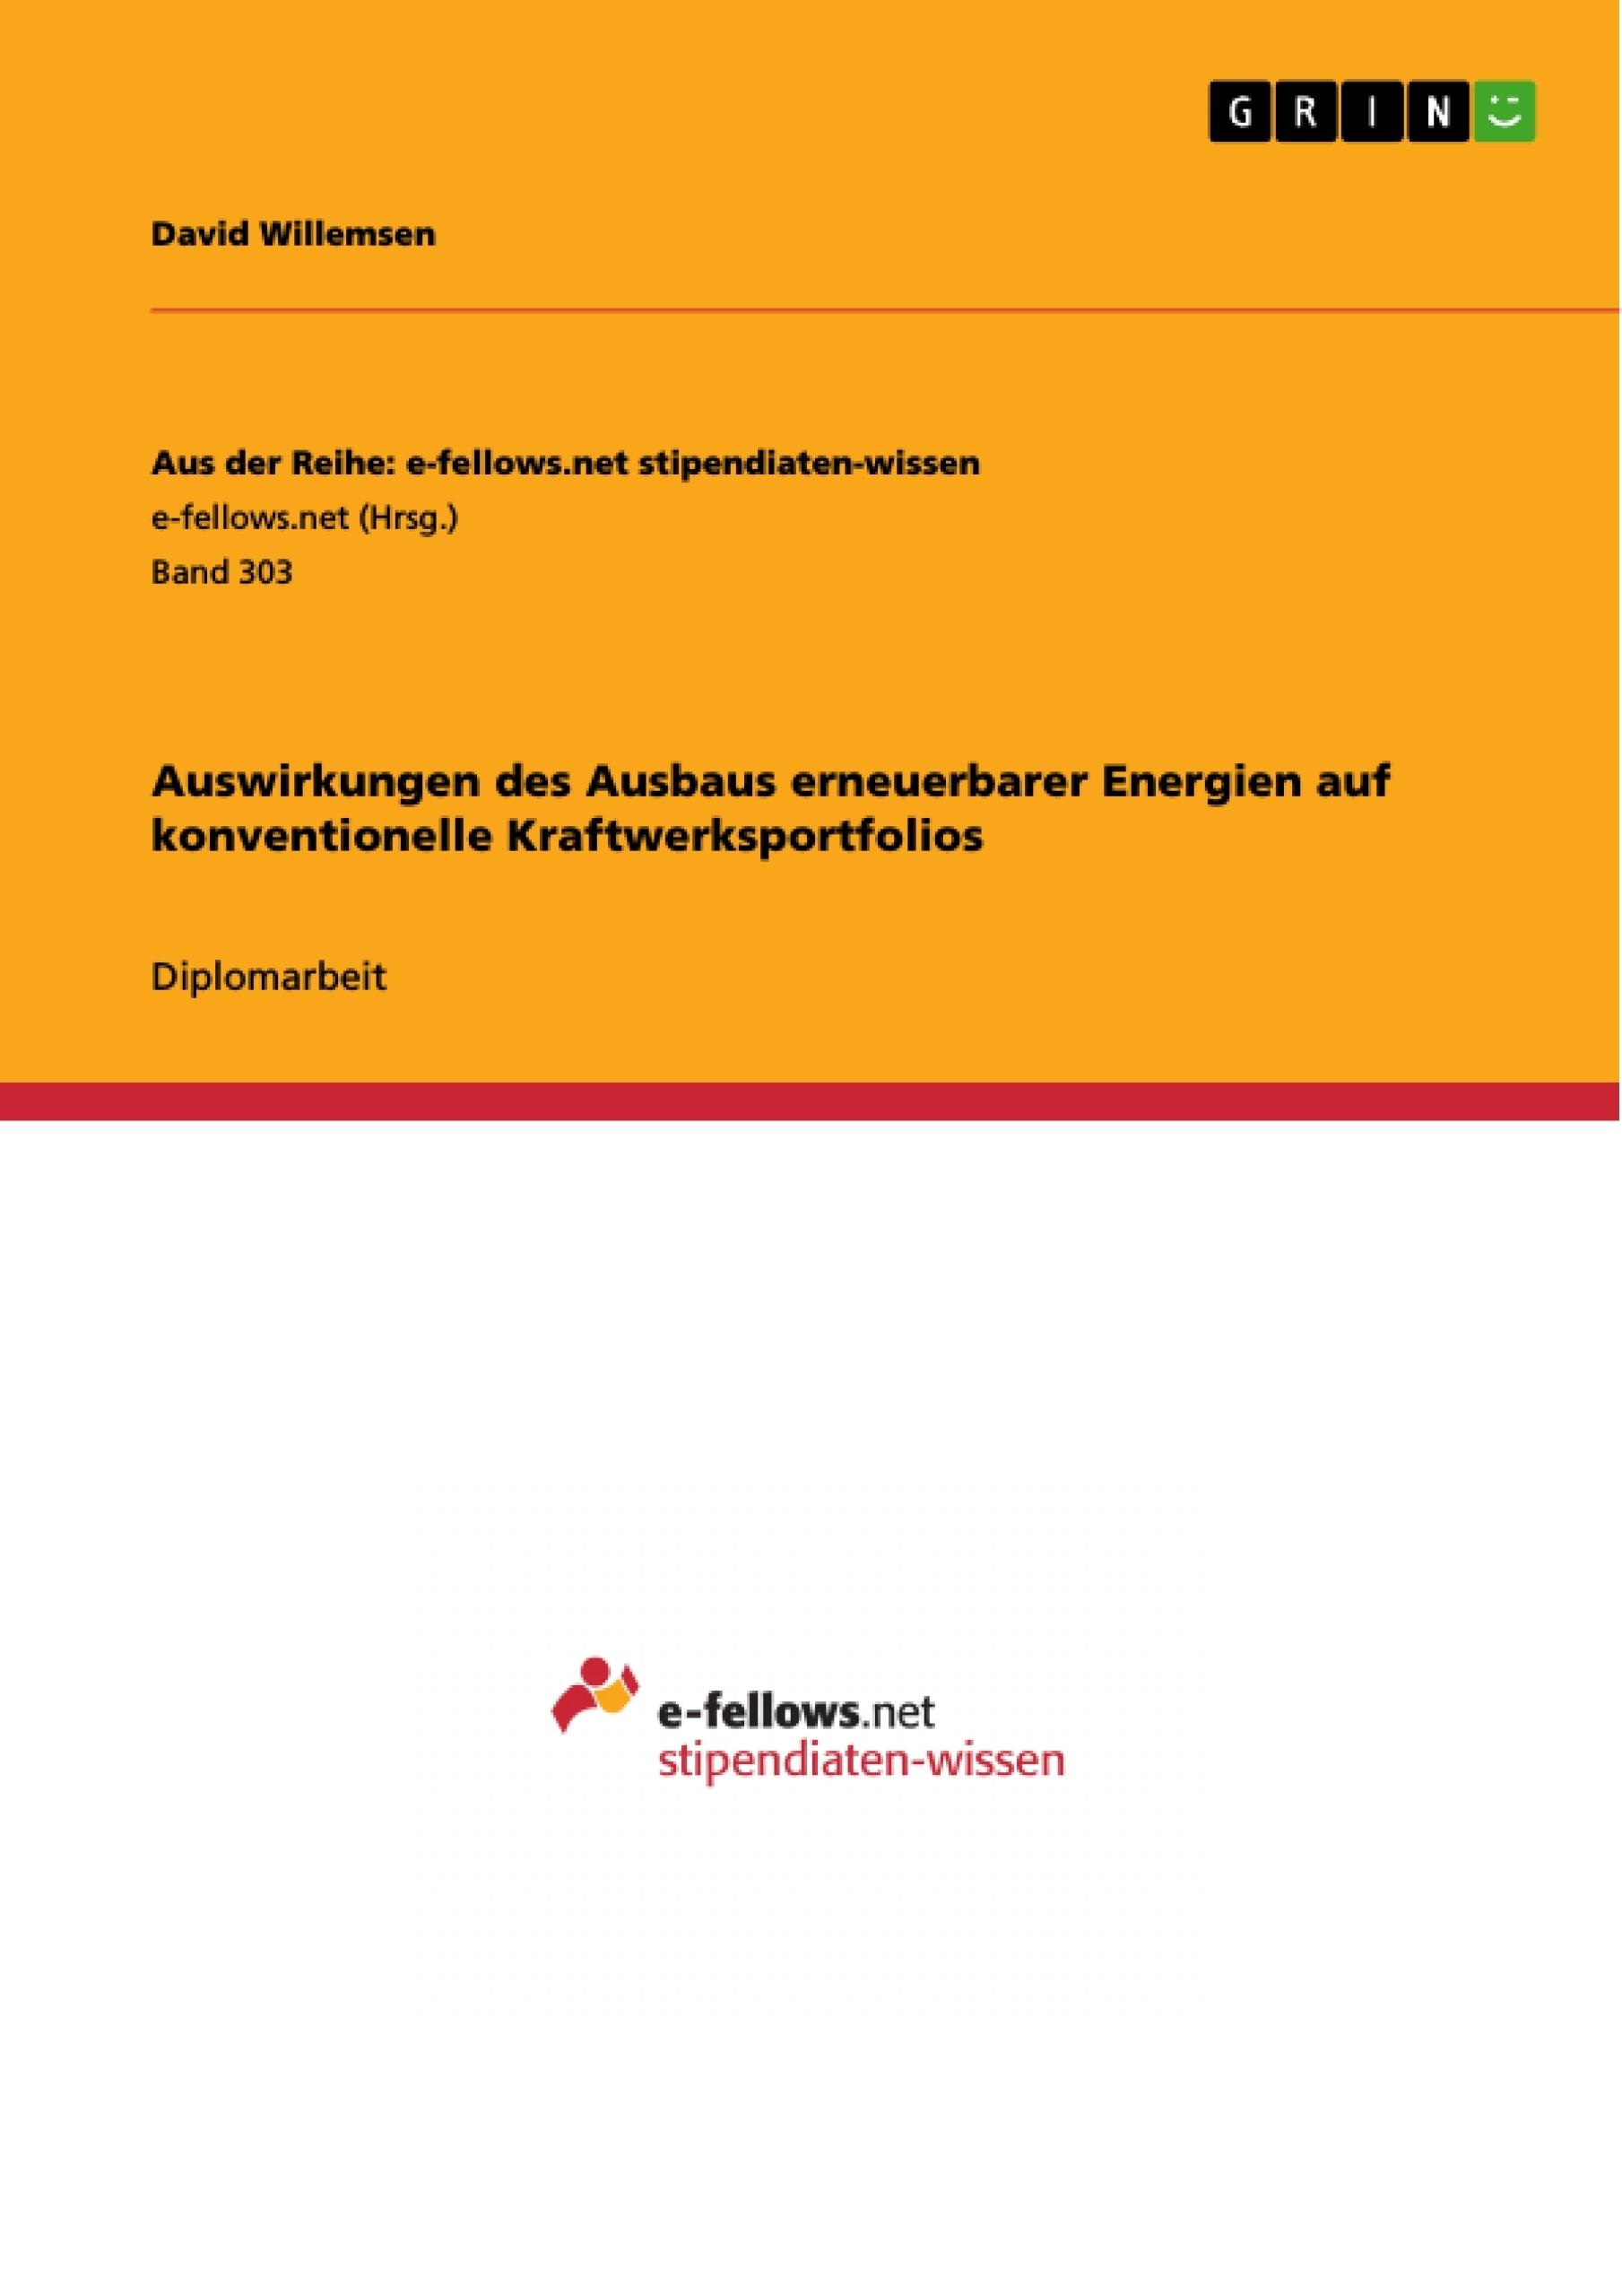 Titel: Auswirkungen des Ausbaus erneuerbarer Energien auf konventionelle Kraftwerksportfolios